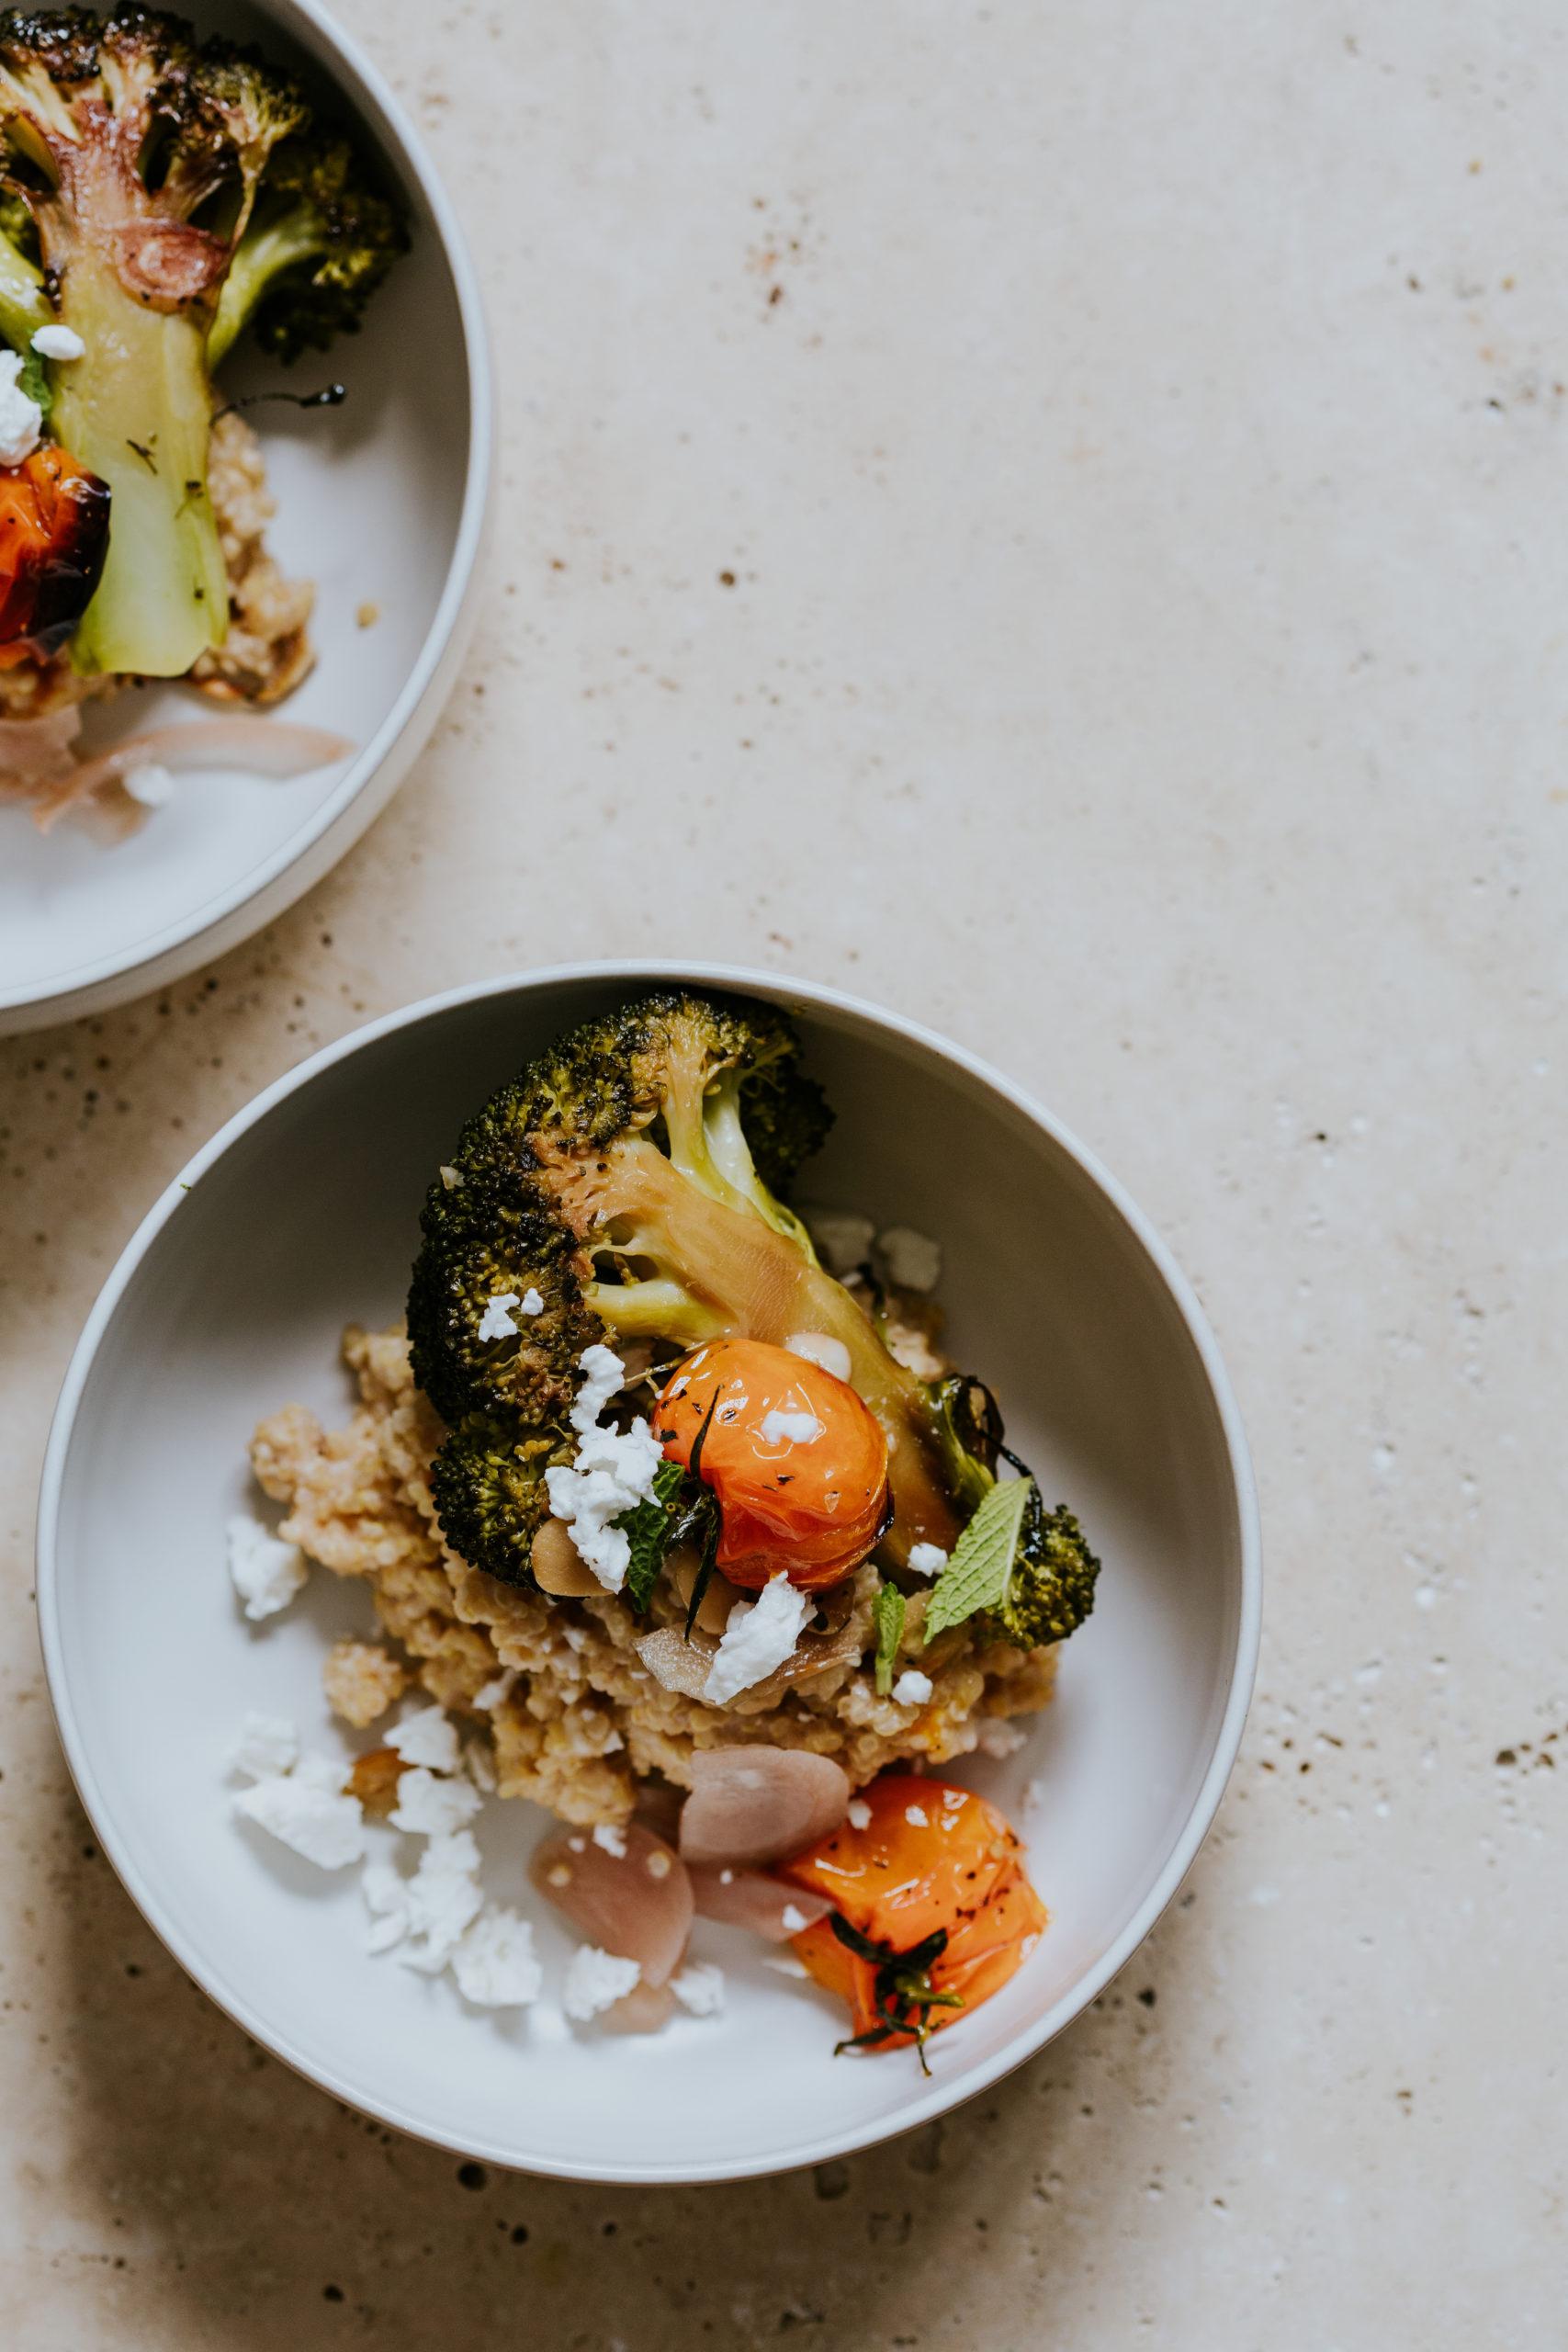 Porridge de quinoa à la feta et tomates rôties avec brocoli rôti et mijoté avec de l'ail bien doré, sauce menthe coriandre, pickles d'oignons.